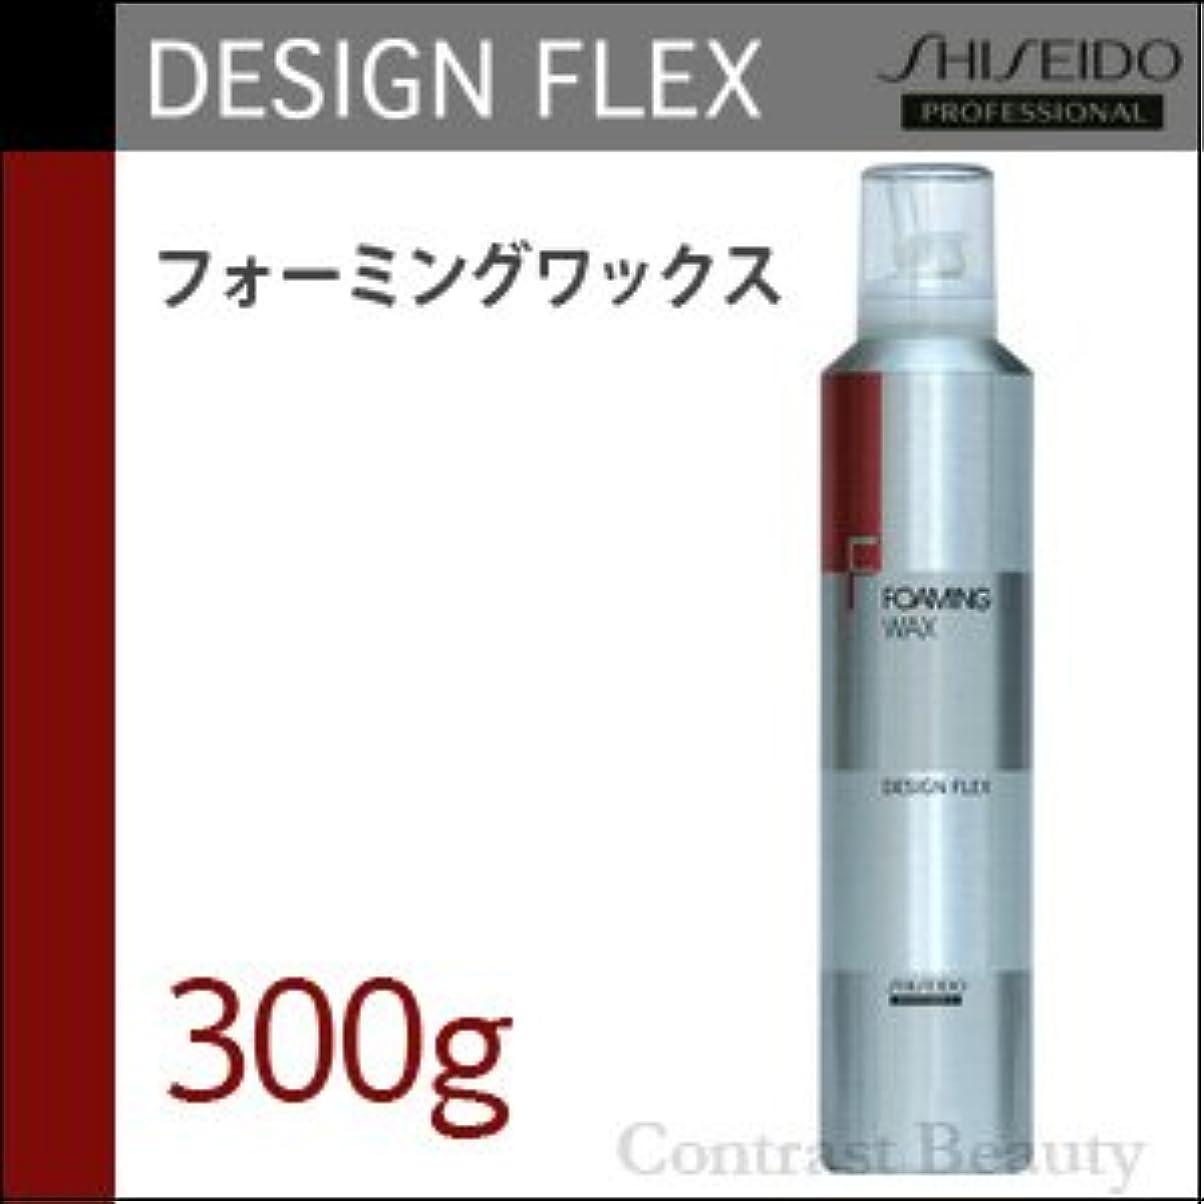 かけがえのないサーカスラインナップ【x5個セット】 資生堂 デザインフレックス フォーミングワックス 300g